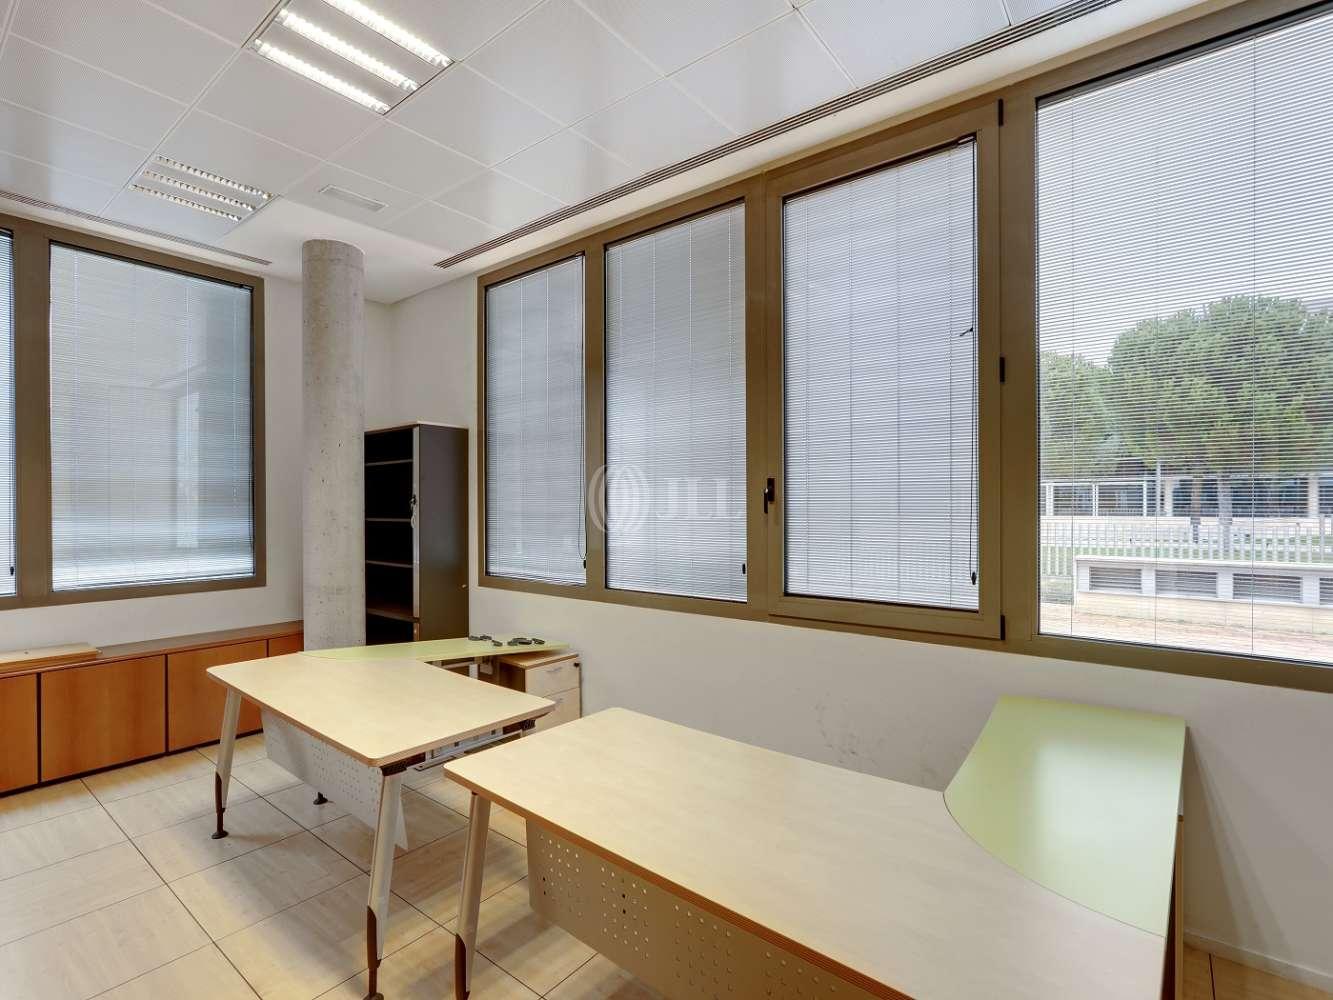 Oficina Las rozas de madrid, 28232 - Edificio 1 - 23187